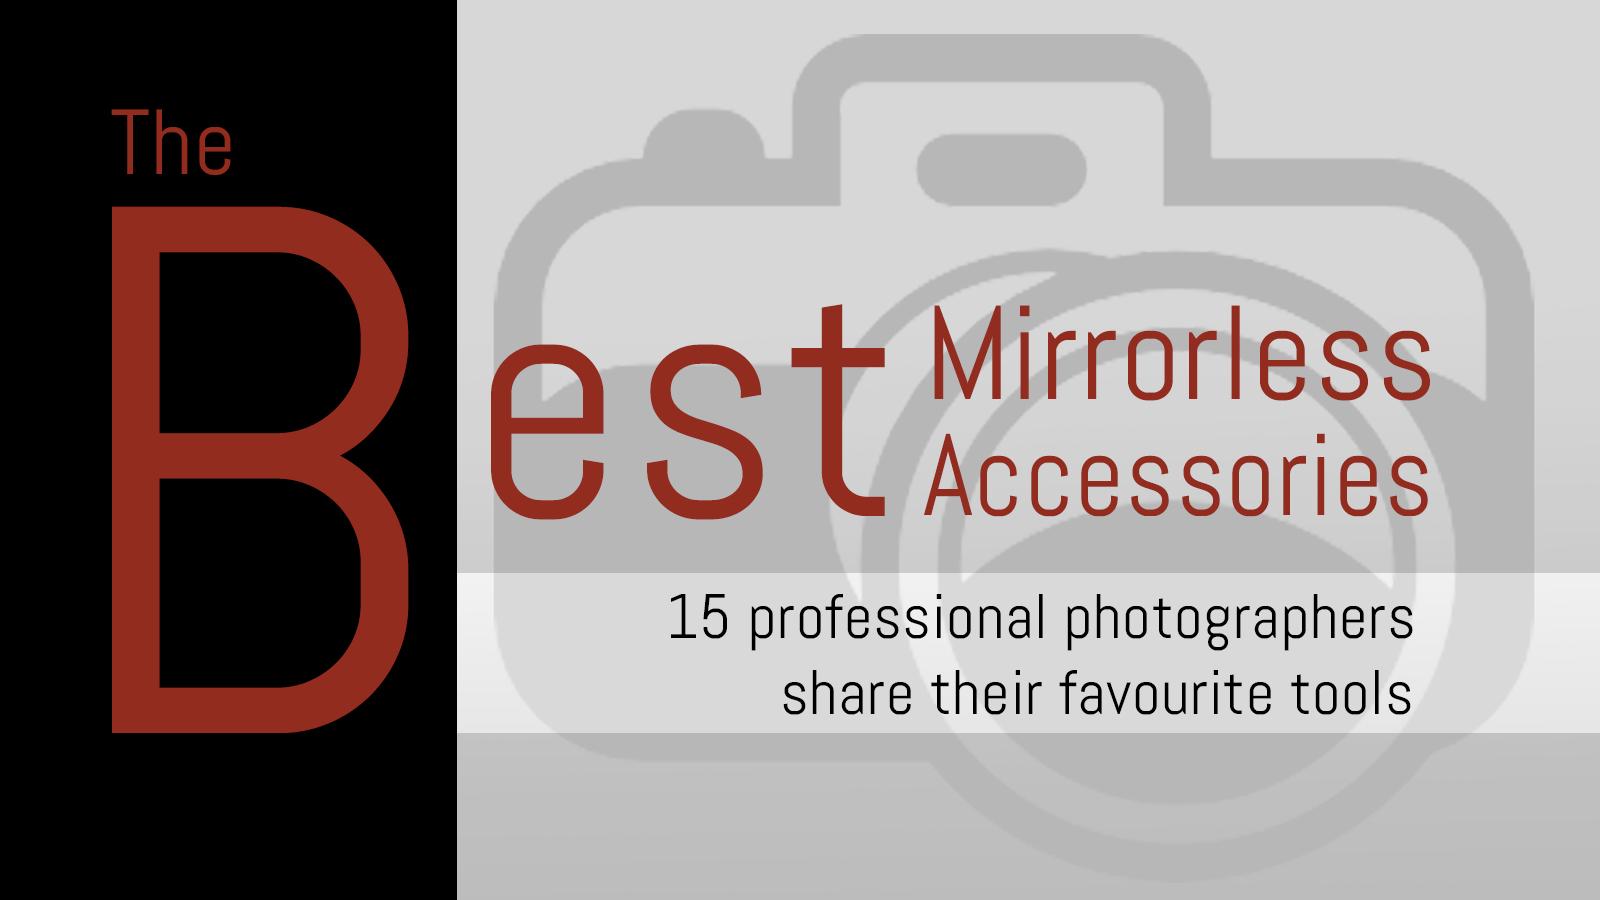 best mirrorless accessories